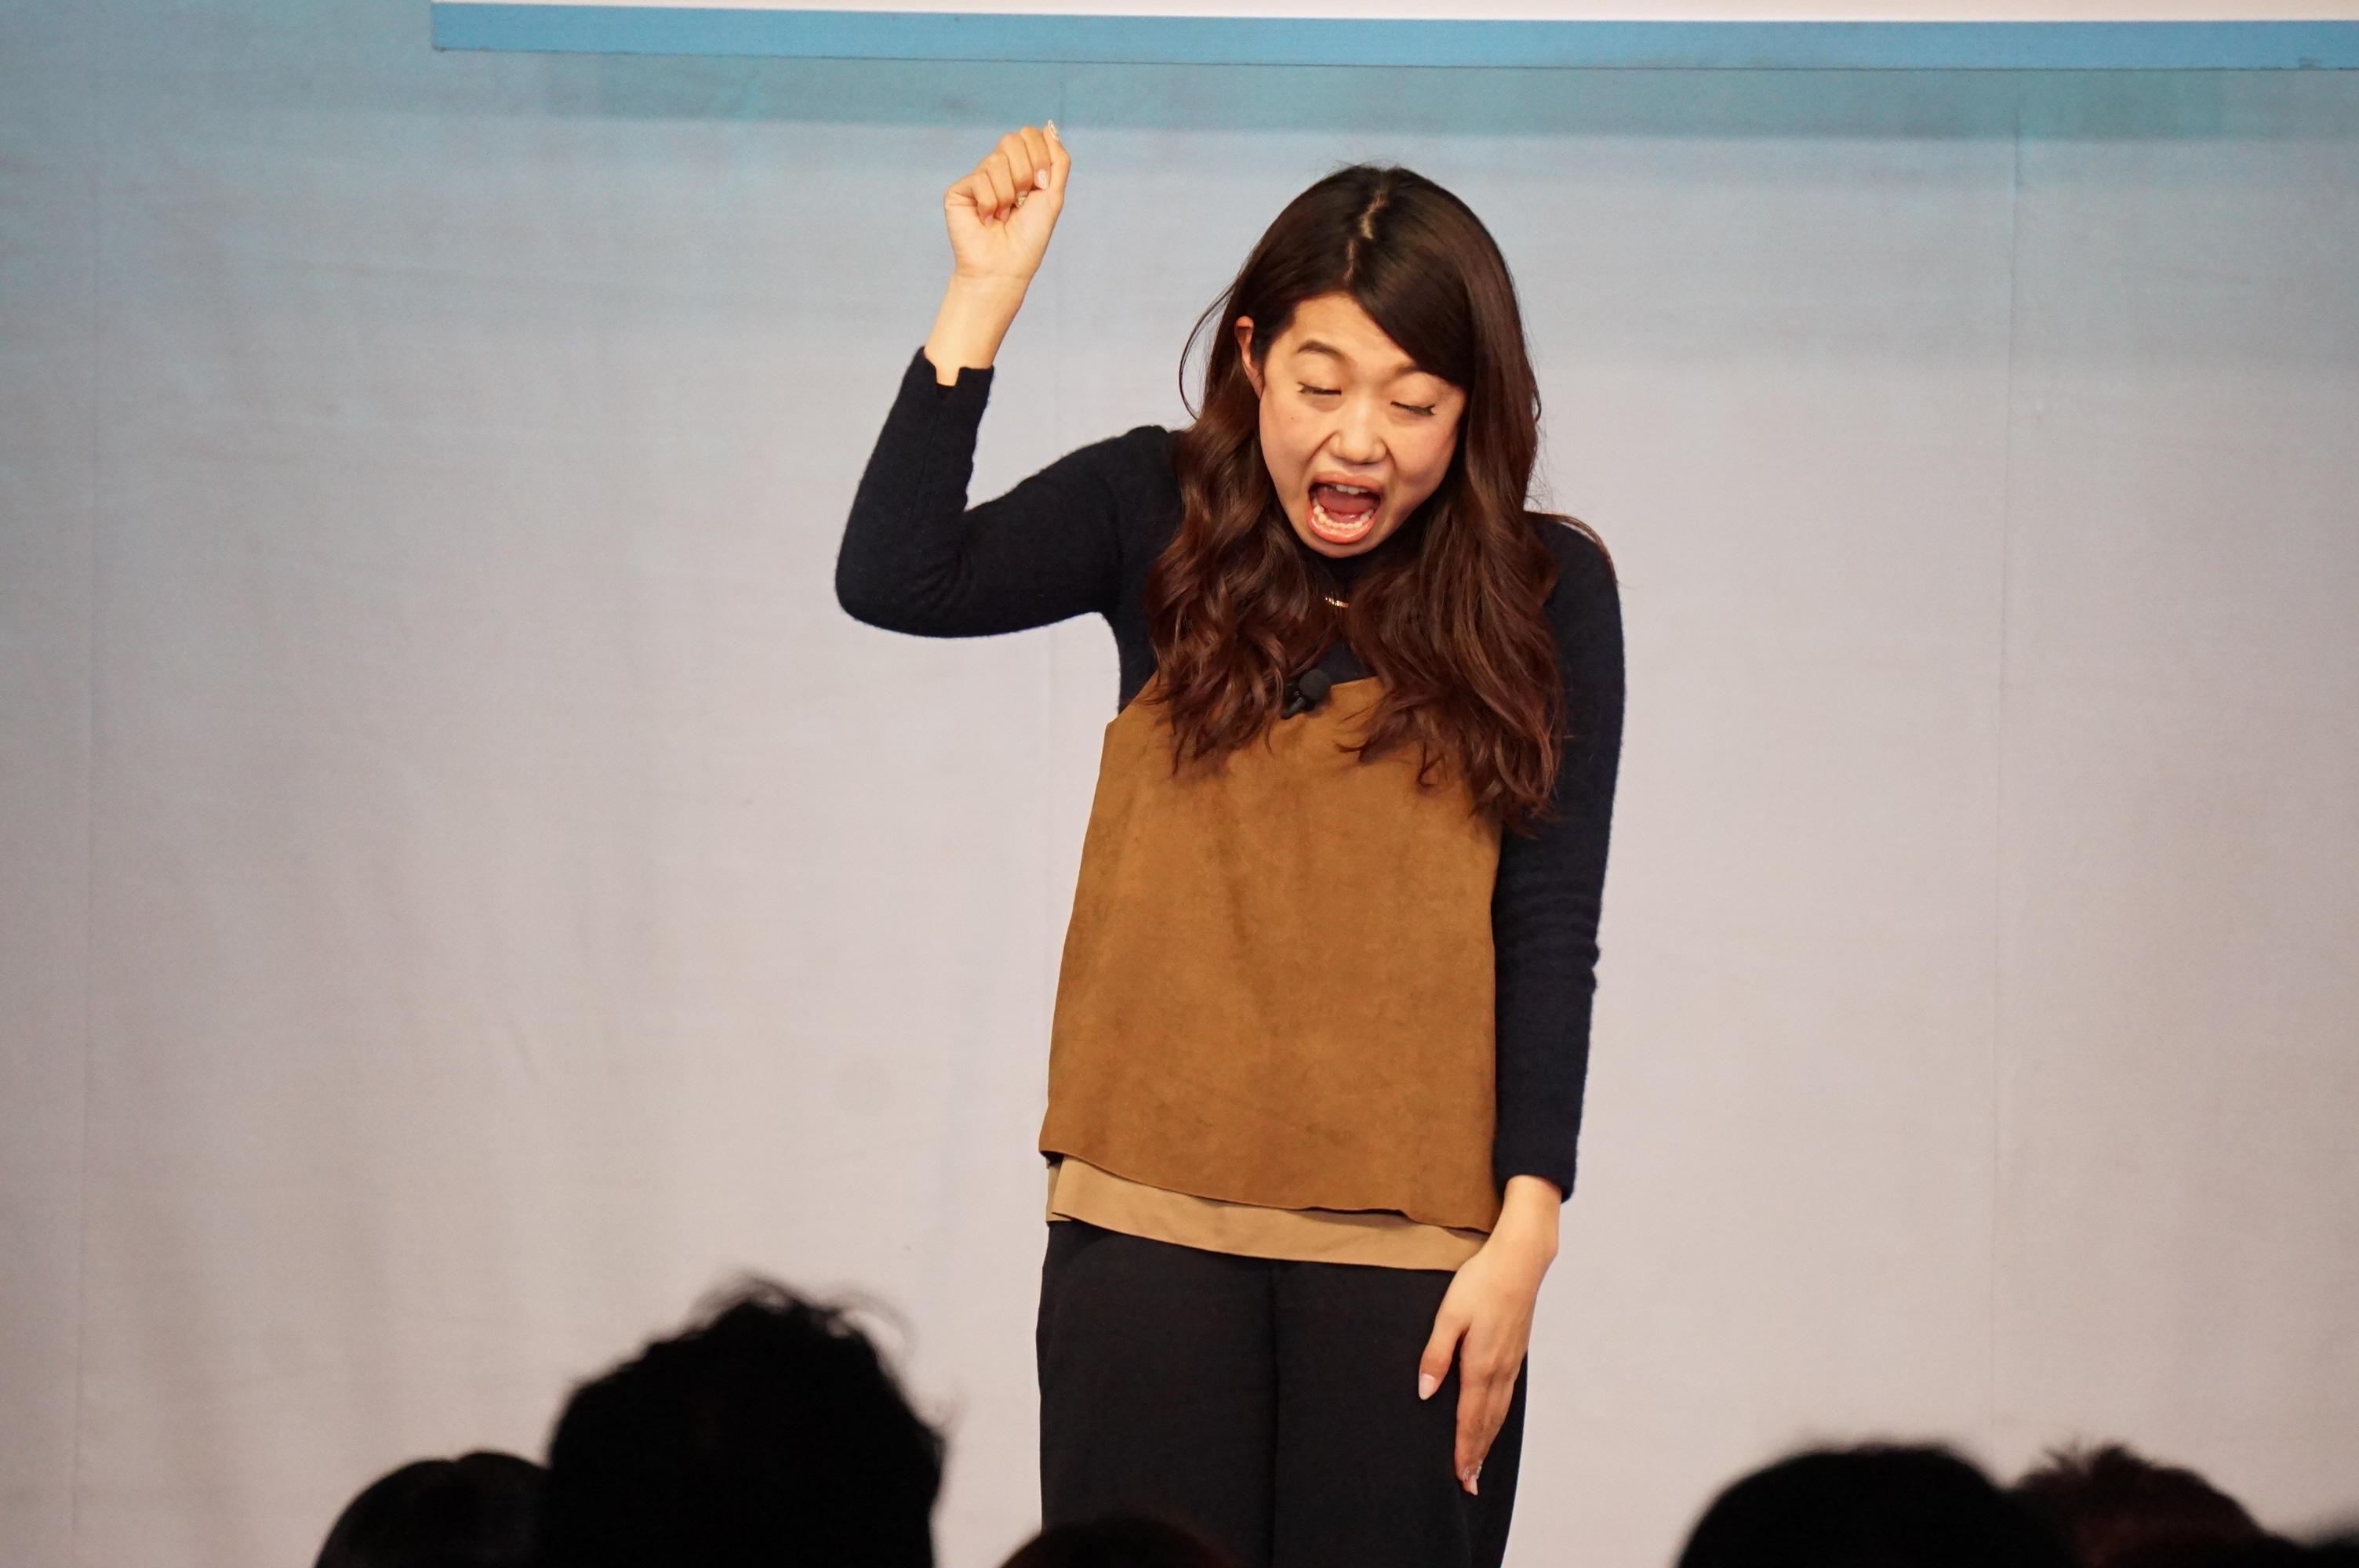 http://news.yoshimoto.co.jp/20170314200624-5210a3f8834c551d2793e484380daaa322319ded.jpg